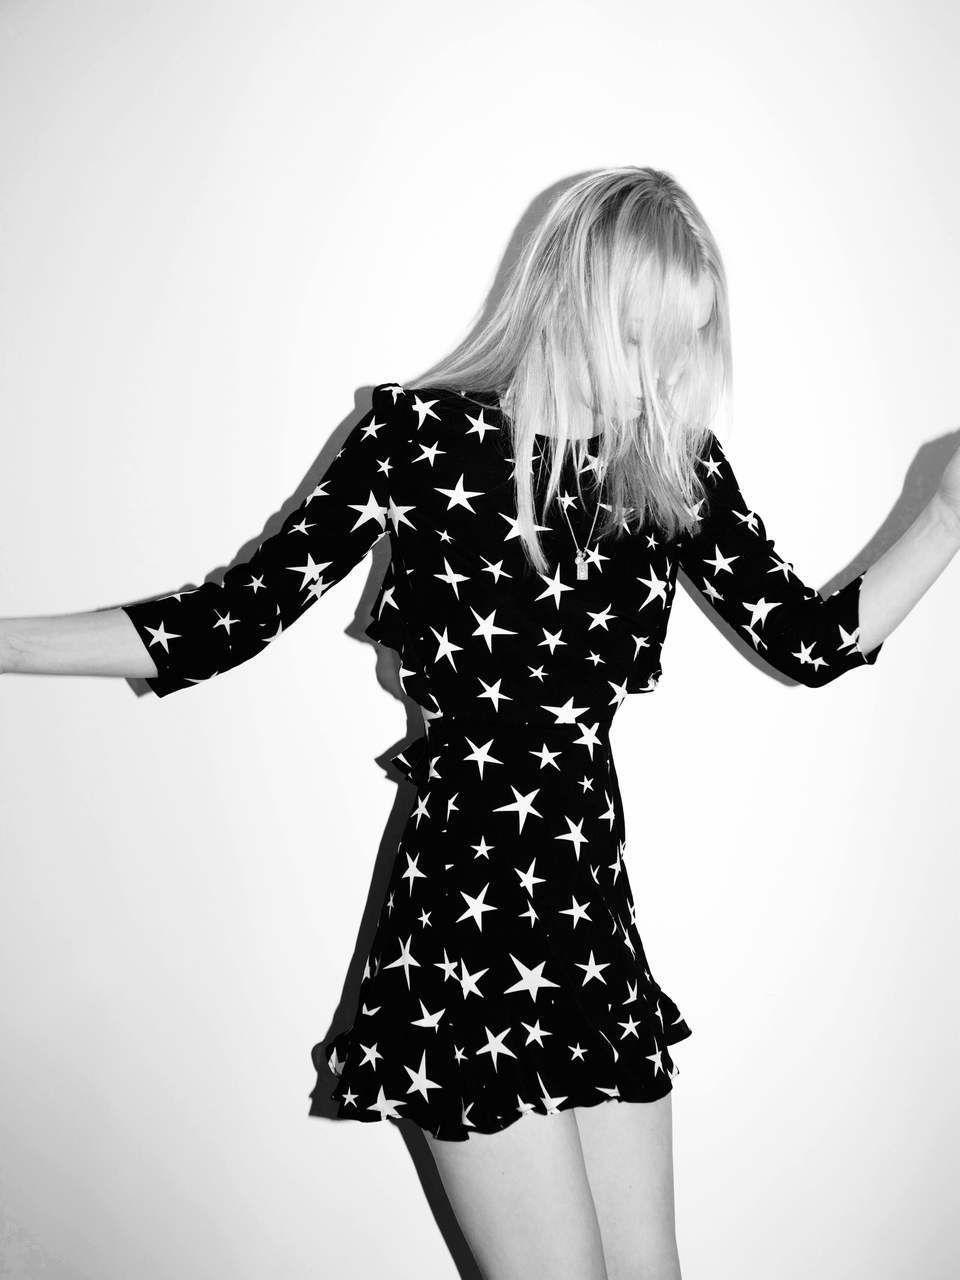 Goldie Star Nude Photos 8